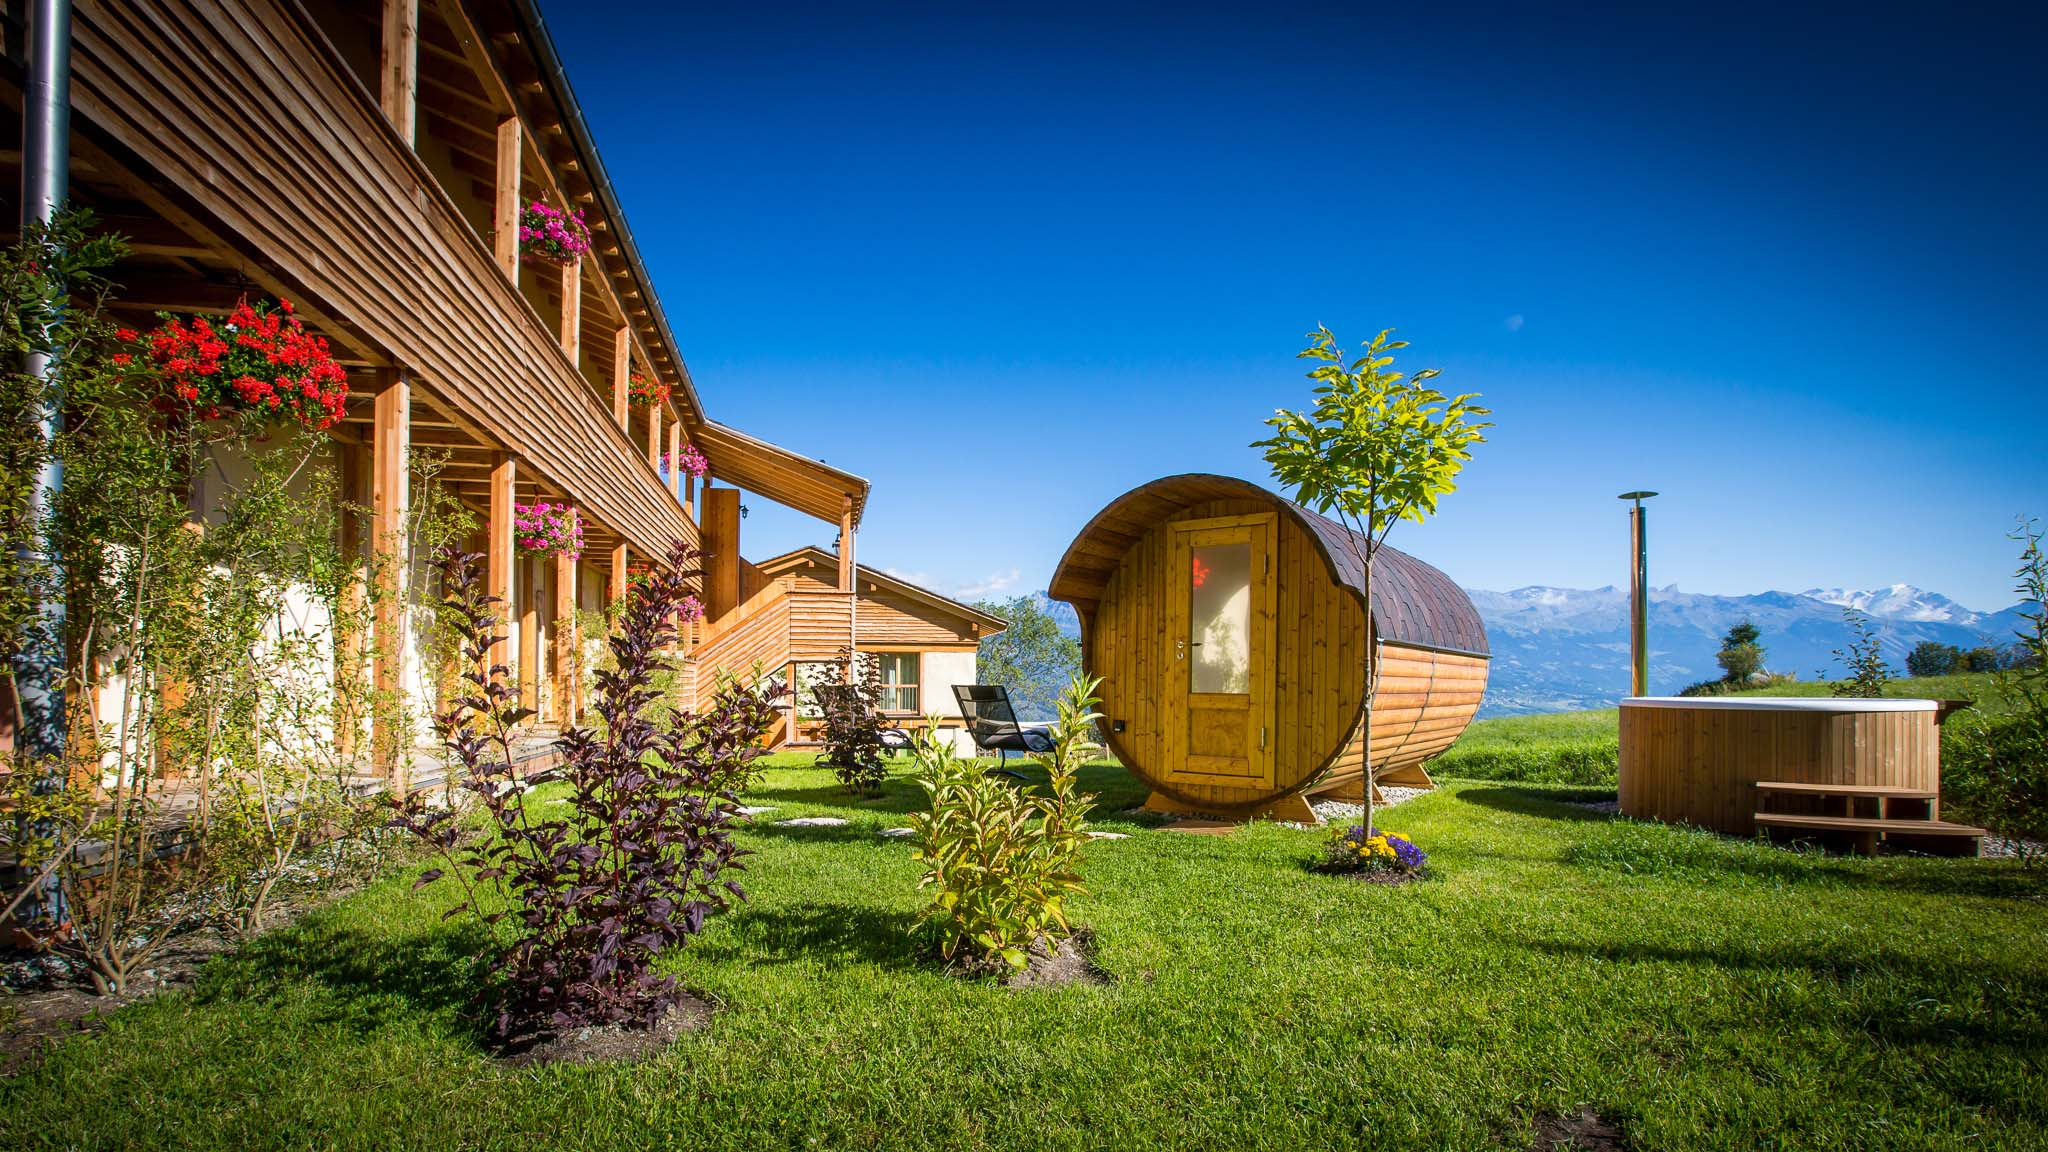 Maya Boutique Hotel - SWITZERLAND